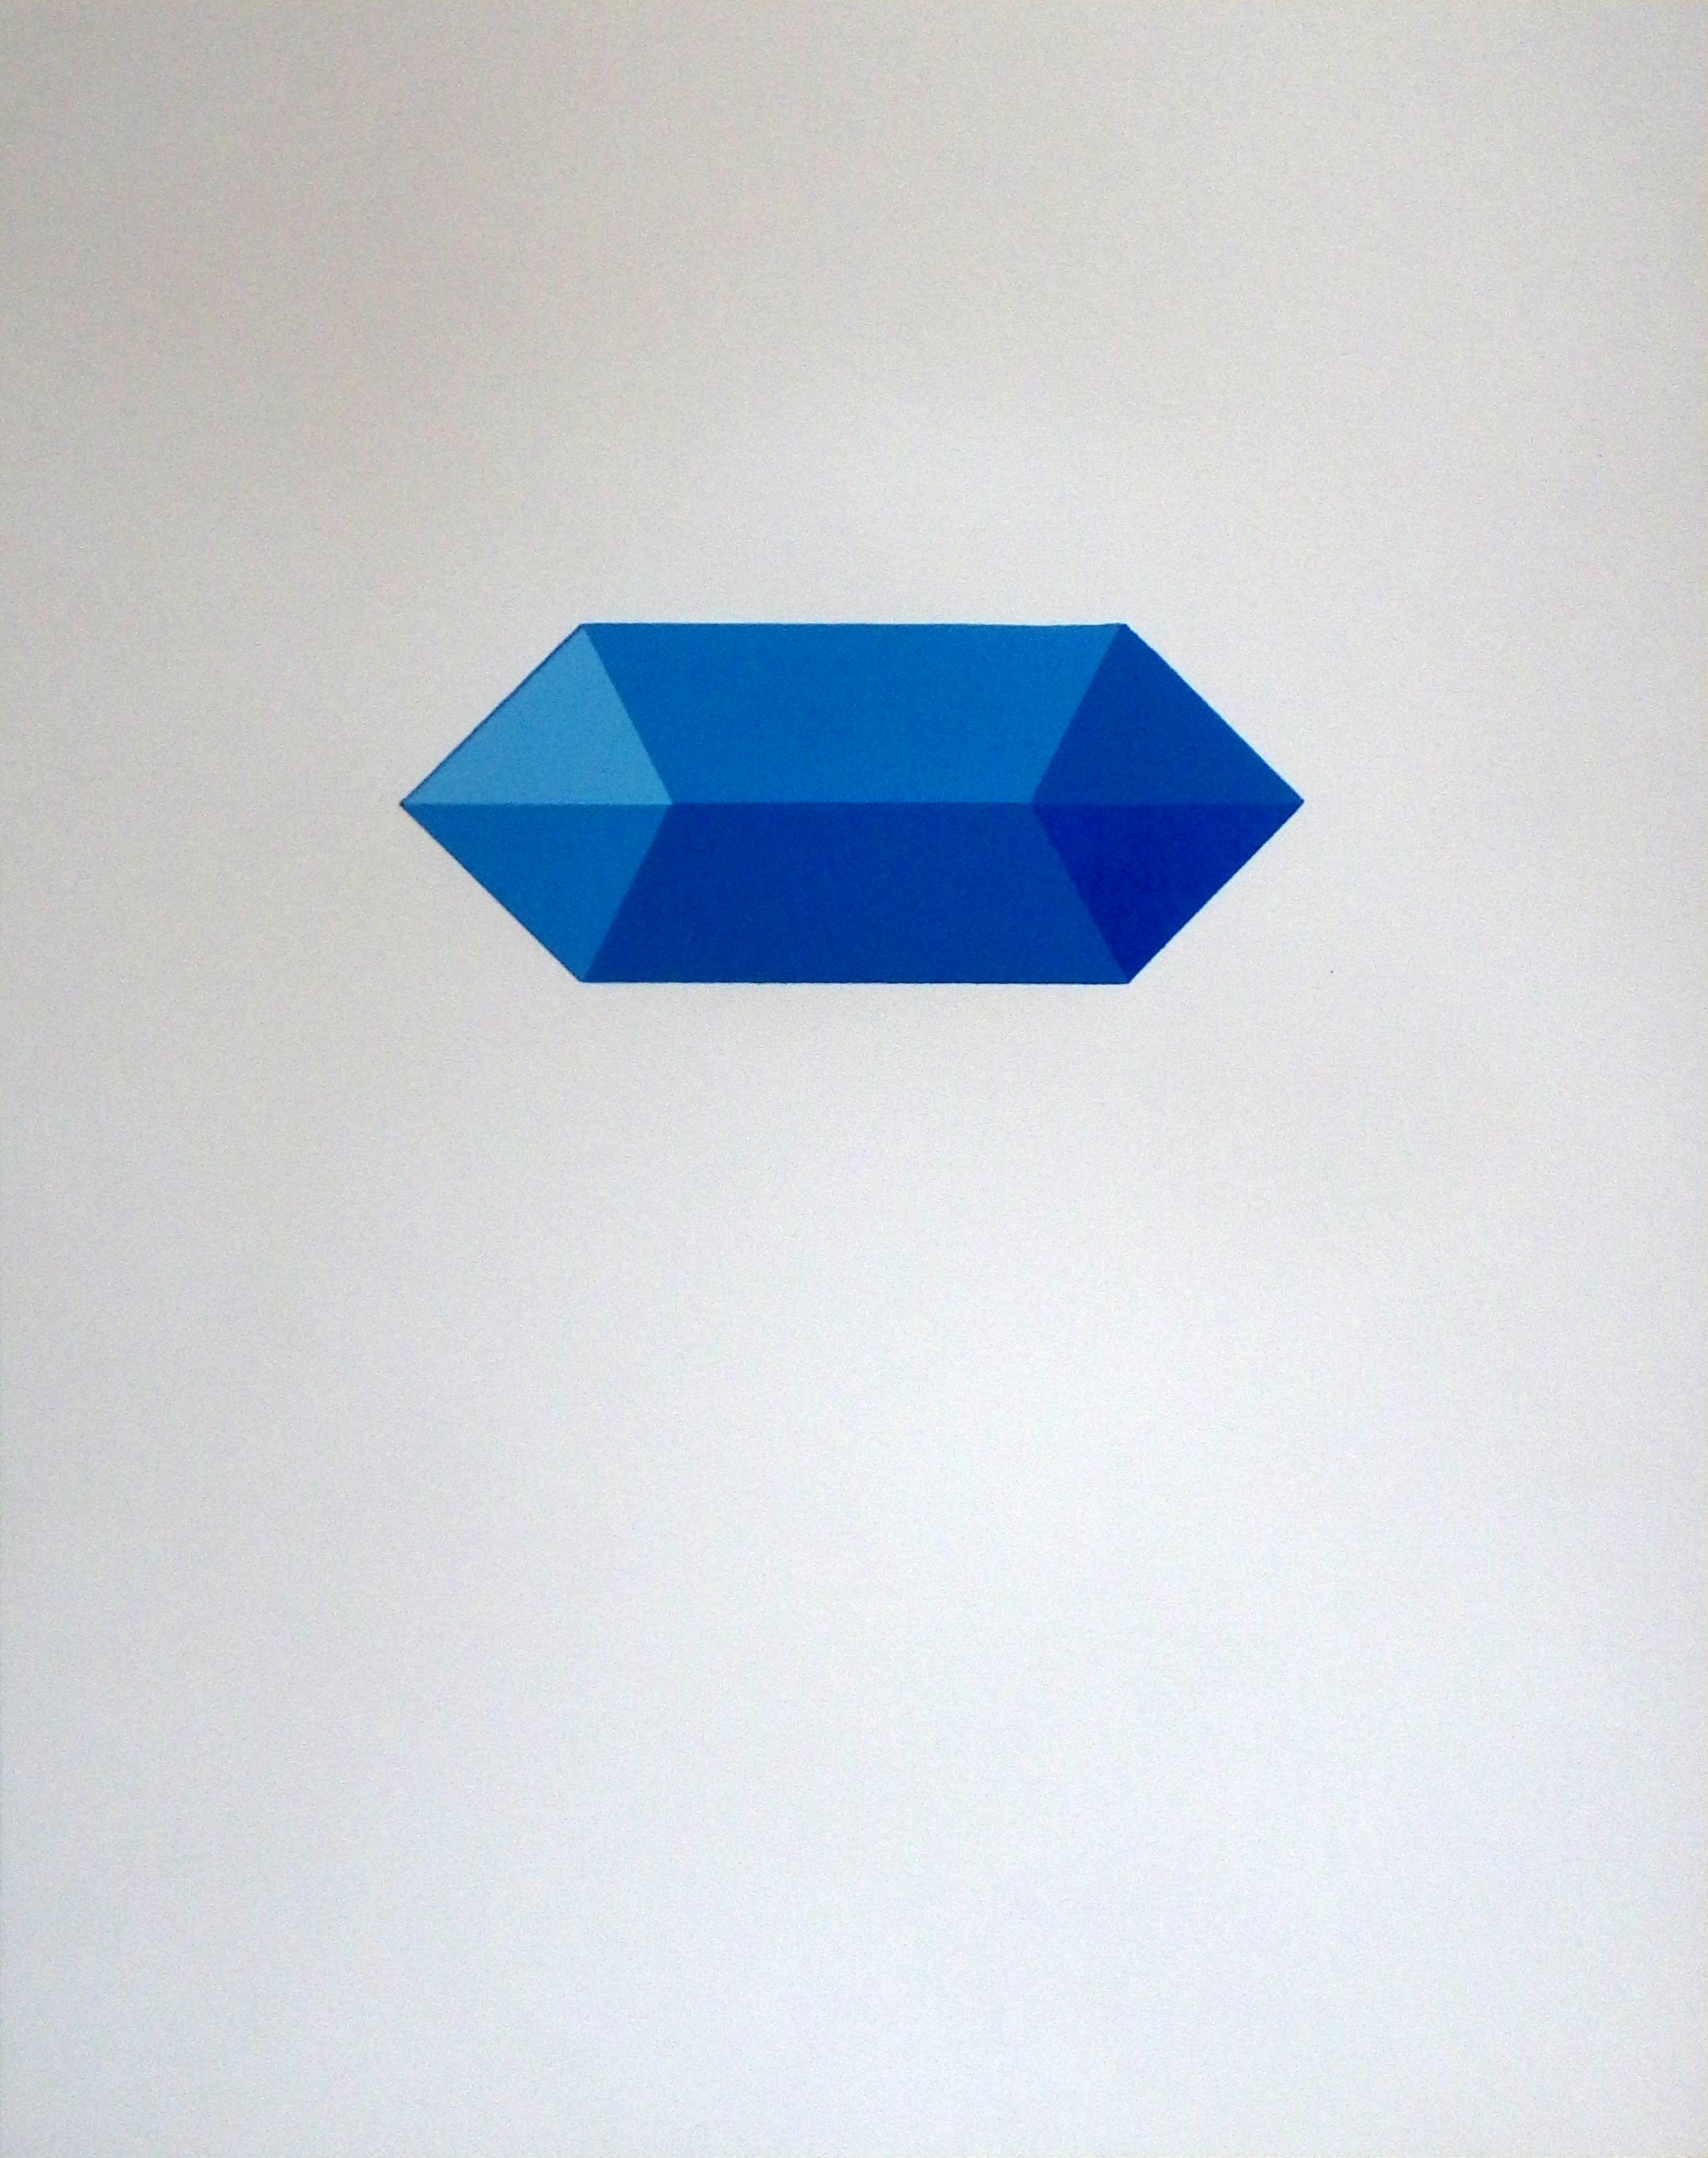 Crystal III